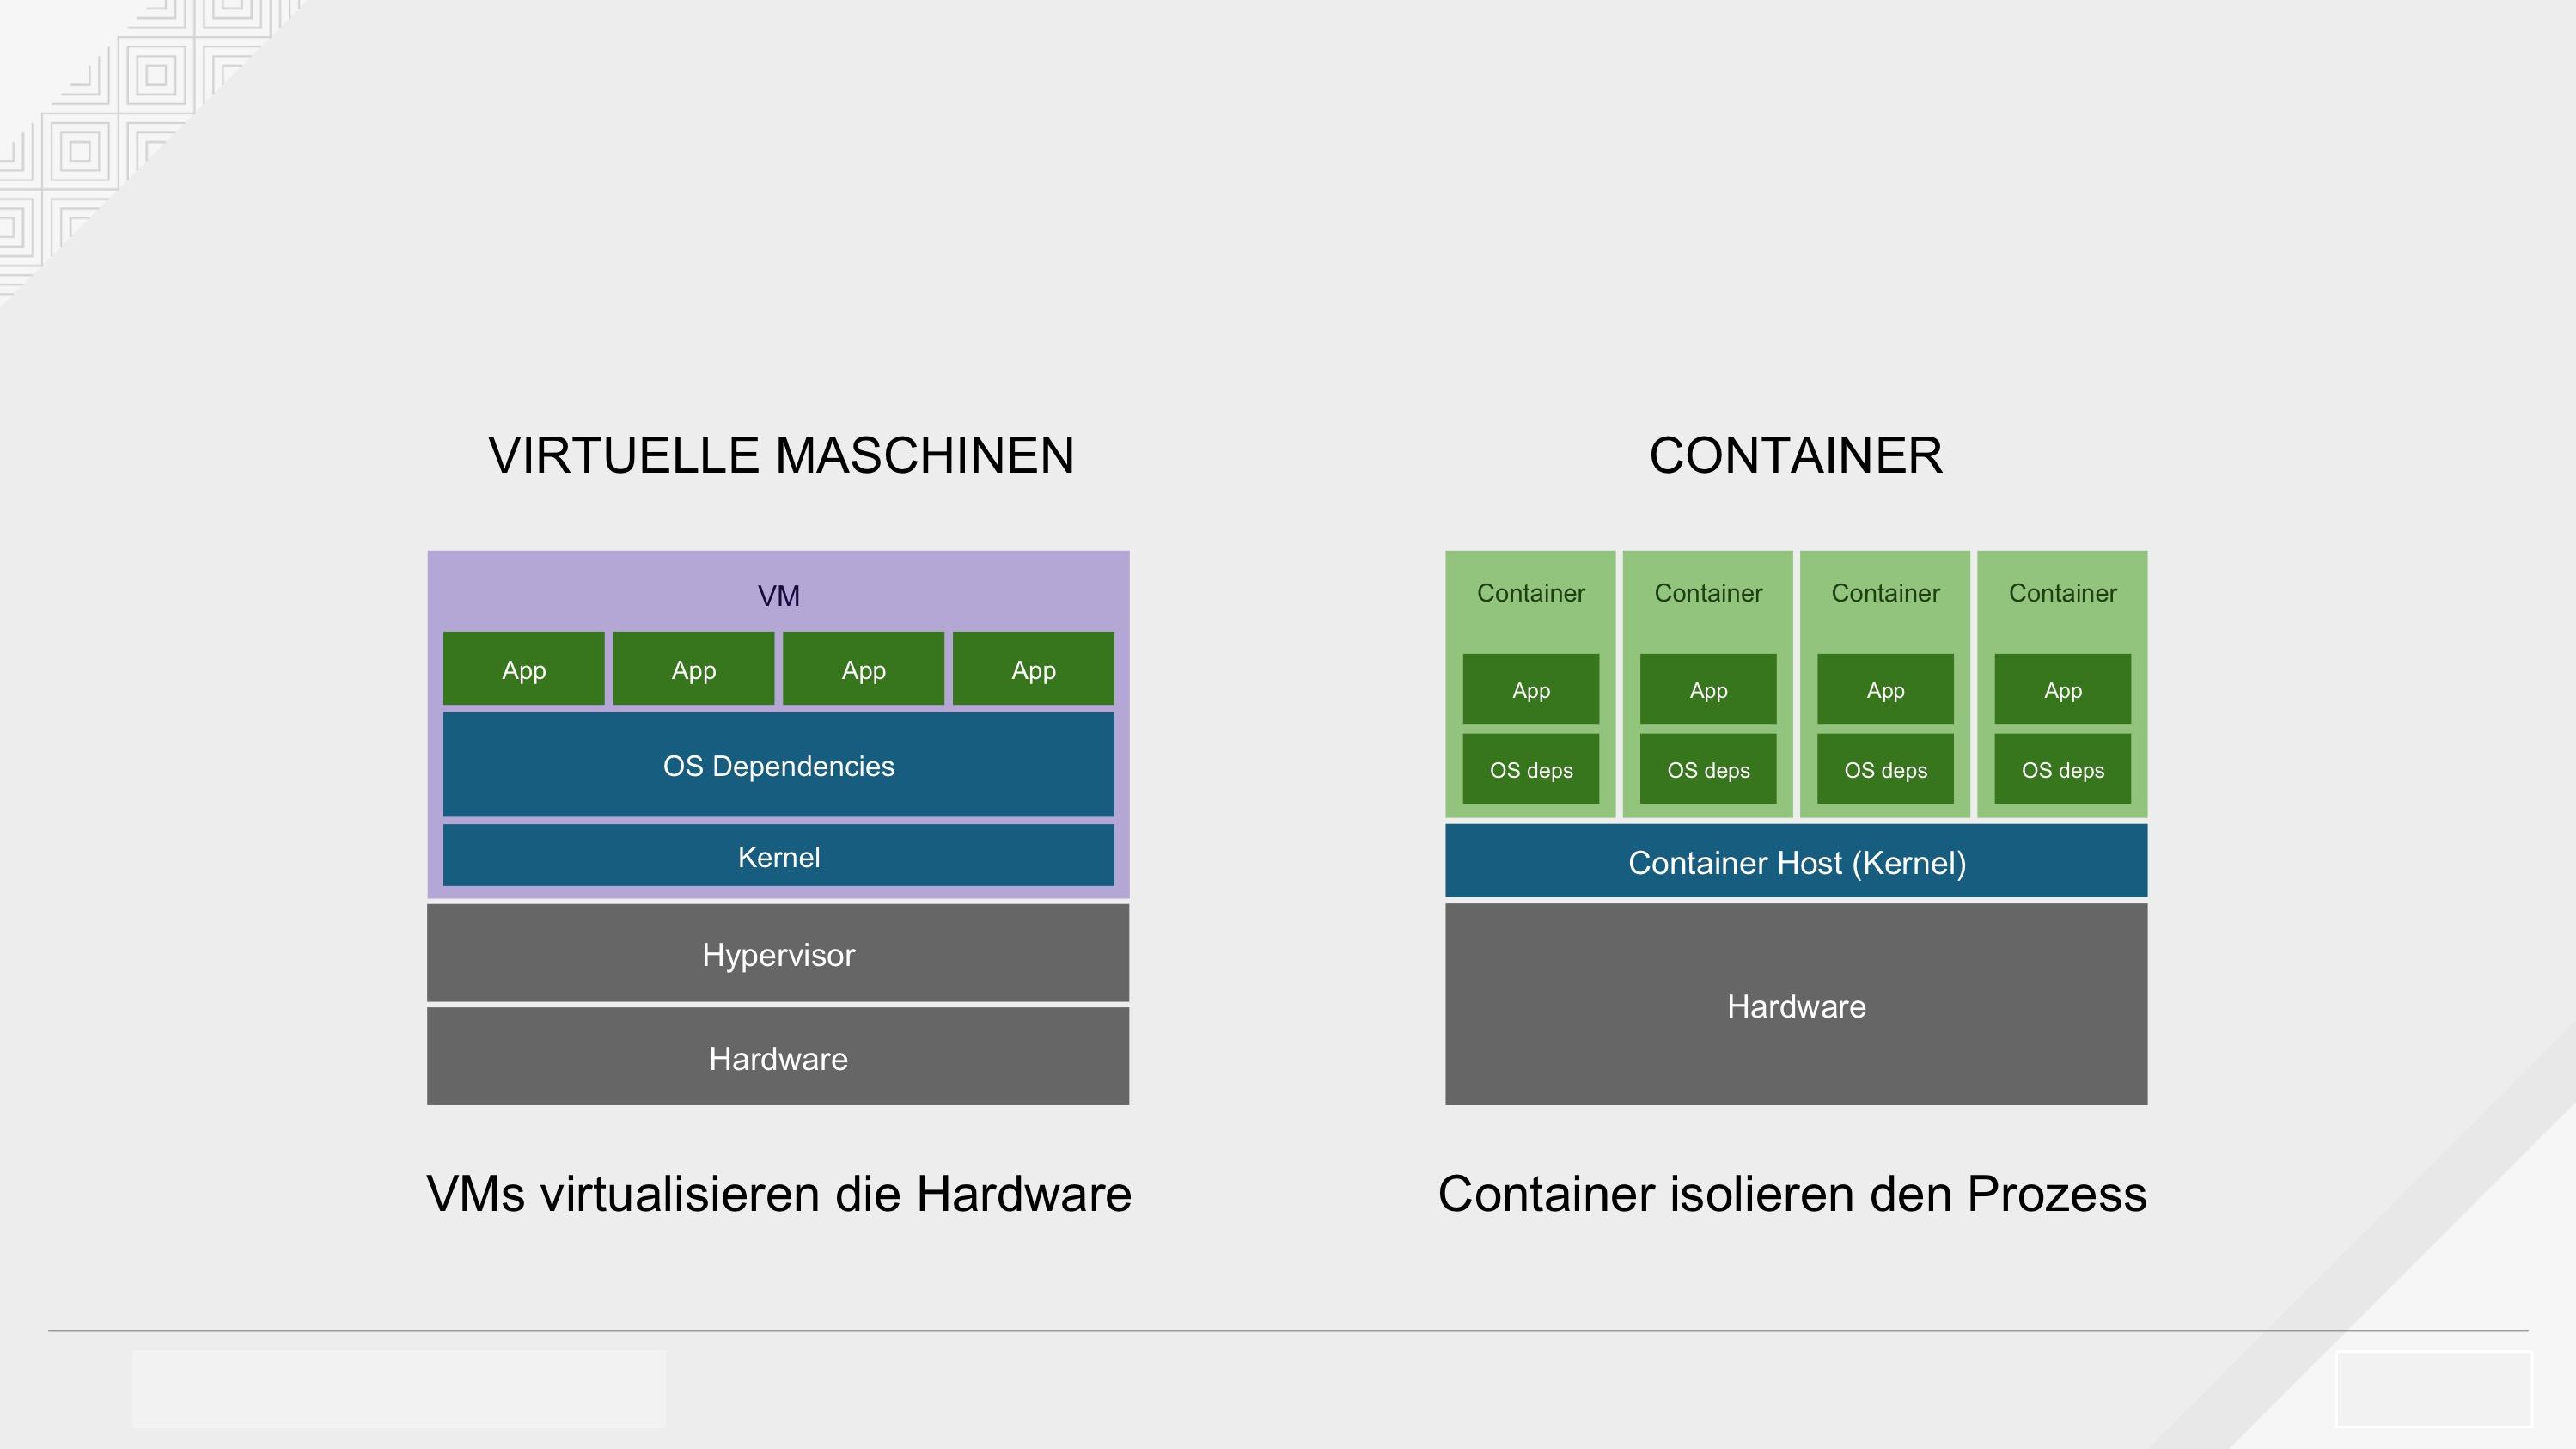 VMs und Container - Linux-Container teilen sich einen Container-Host und Kernel und verwenden gleichzeitig Kernel-Technologien wie cgroups, SELinux und Kernel-Namensräume, sodass ein Container weder auf die anderen Container, die auf demselben Host laufen, noch auf den Host selbst zugreifen oder diese beeinflussen kann (Quelle: Red Hat). (Abb. 1)